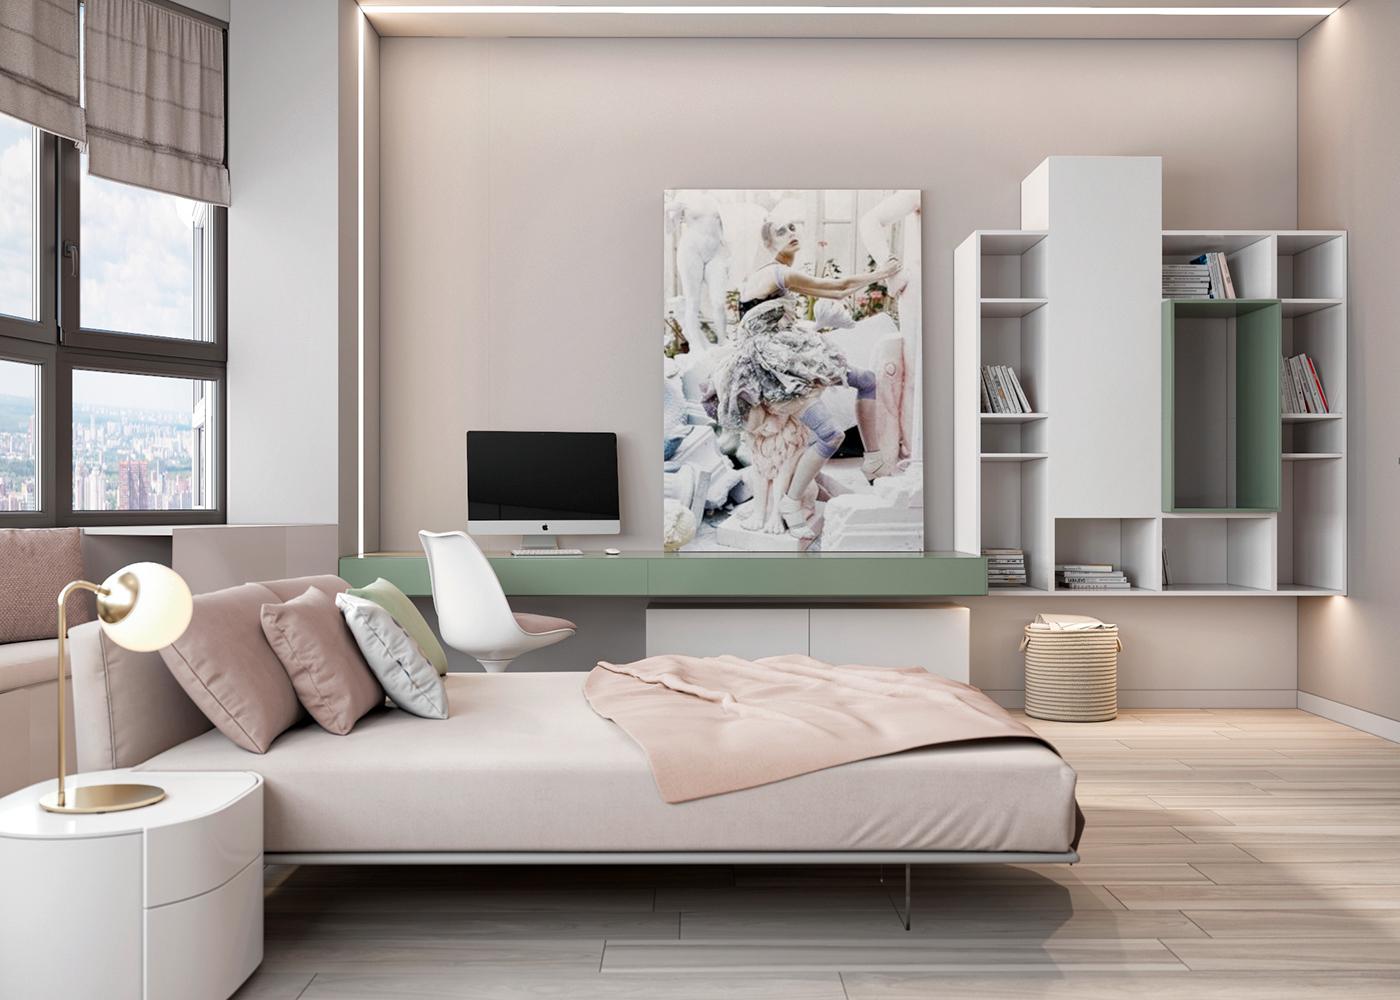 Moderne slaapkamer met zachte pastelkleuren